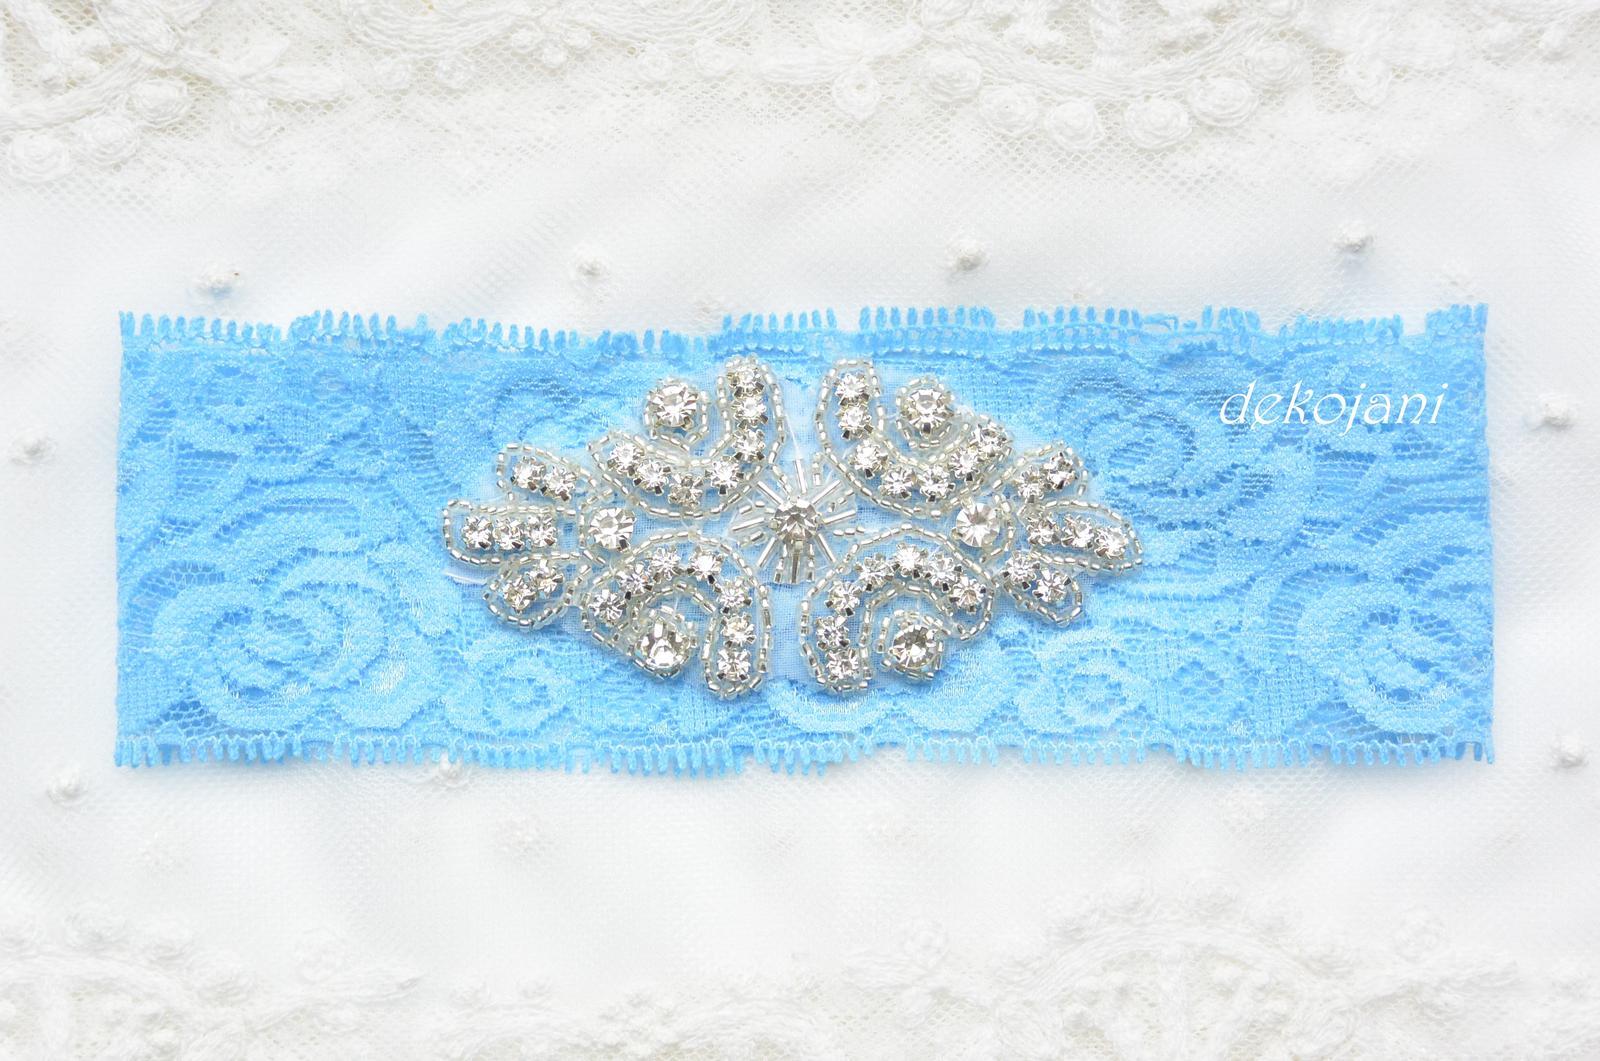 Luxusní svatební doplňky a dekorace. - Obrázek č. 39